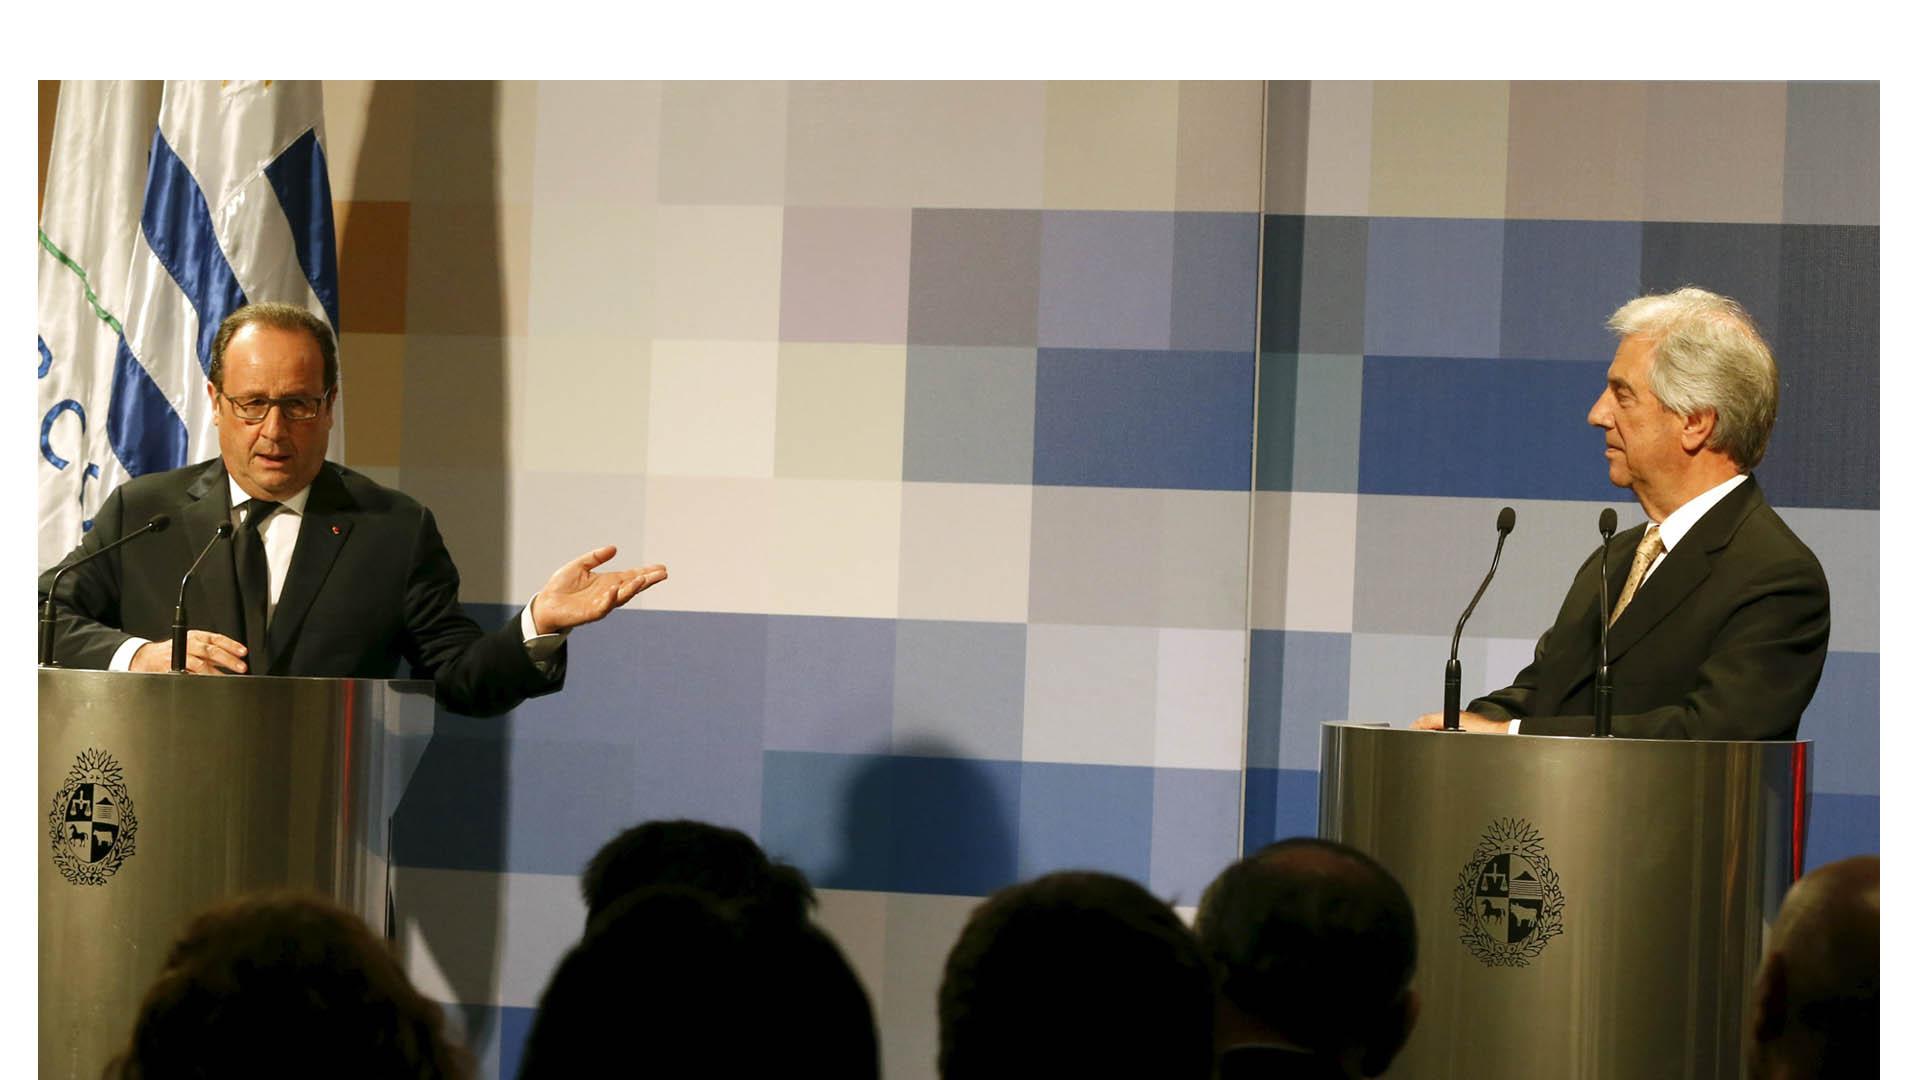 Uno de los acuerdos es que el país europeo apoyará programas educativos en la nación suramericana